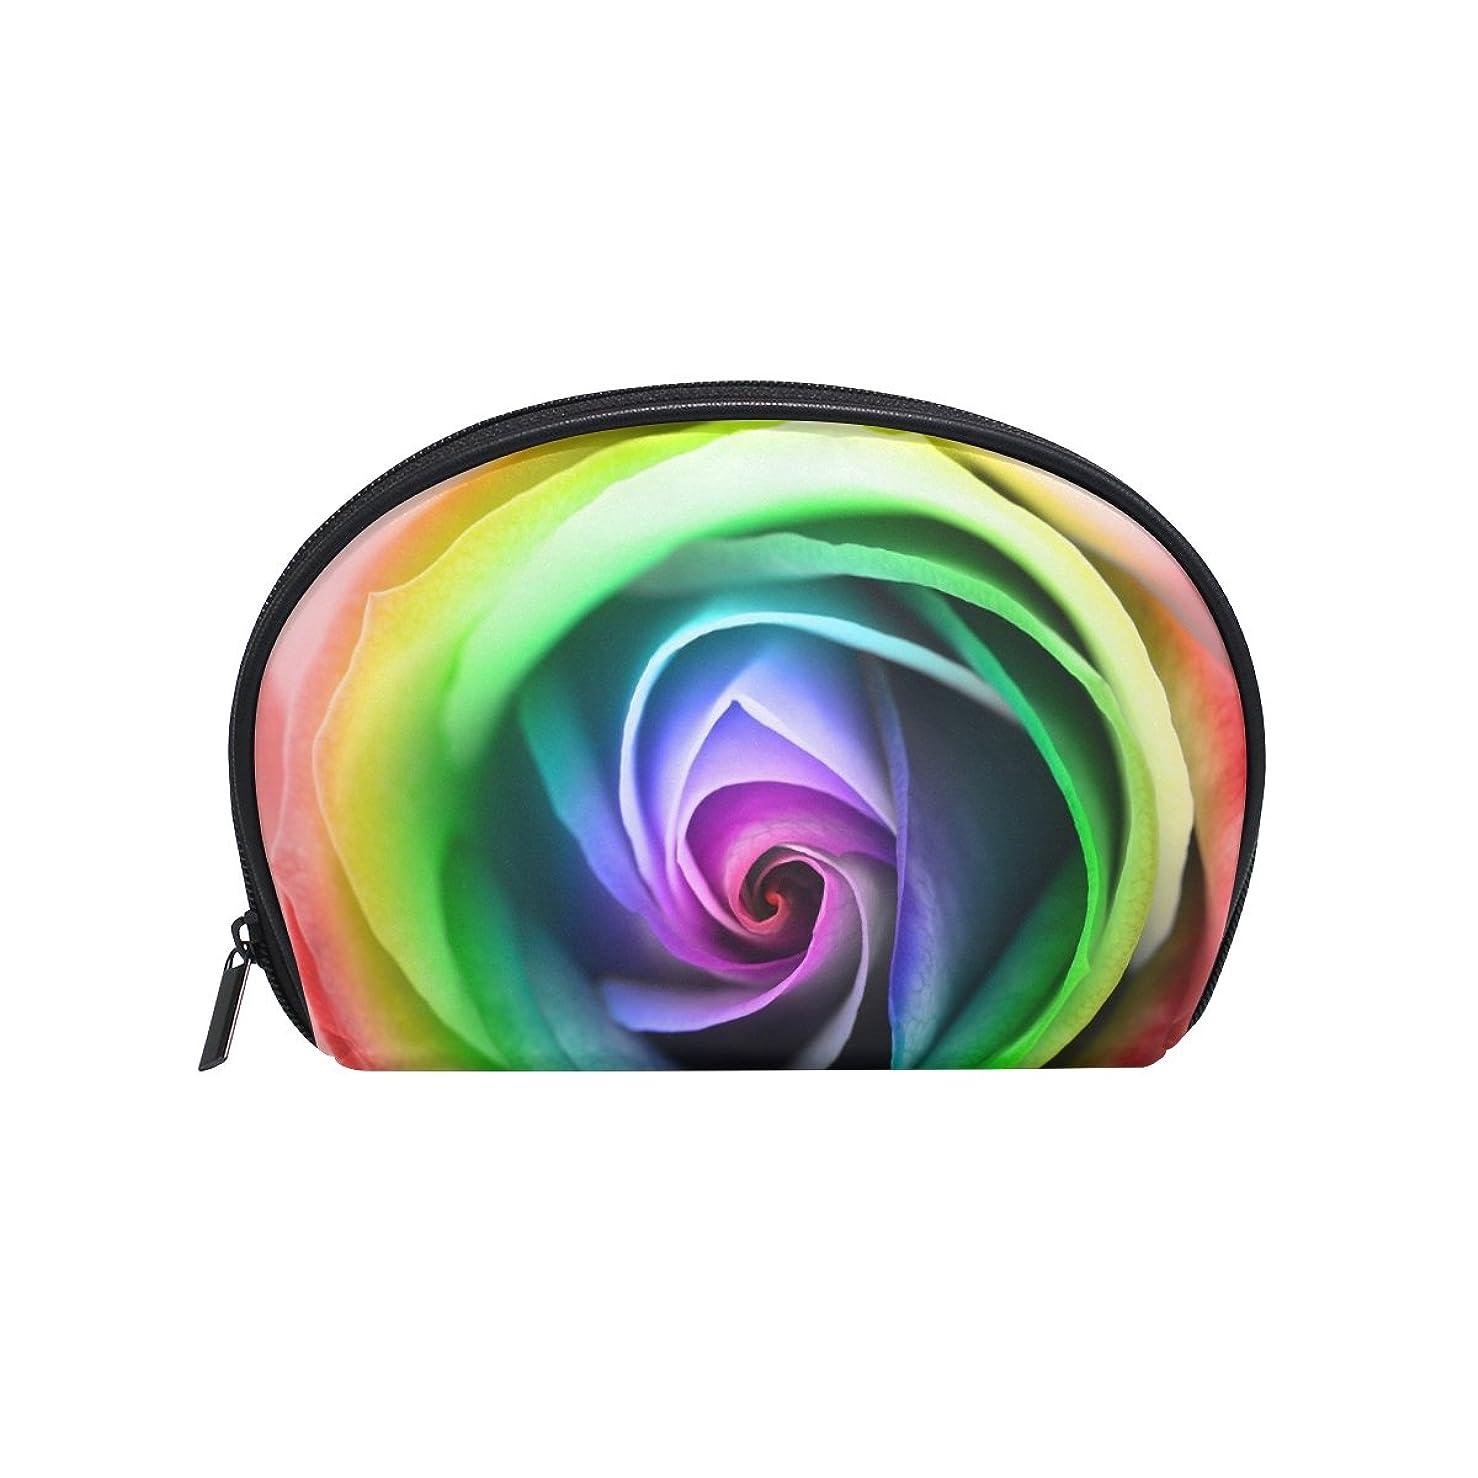 不適当ラグ所得ALAZA レインボーローズ 半月 化粧品 メイク トイレタリーバッグ ポーチ 旅行ハンディ財布オーガナイザーバッグ